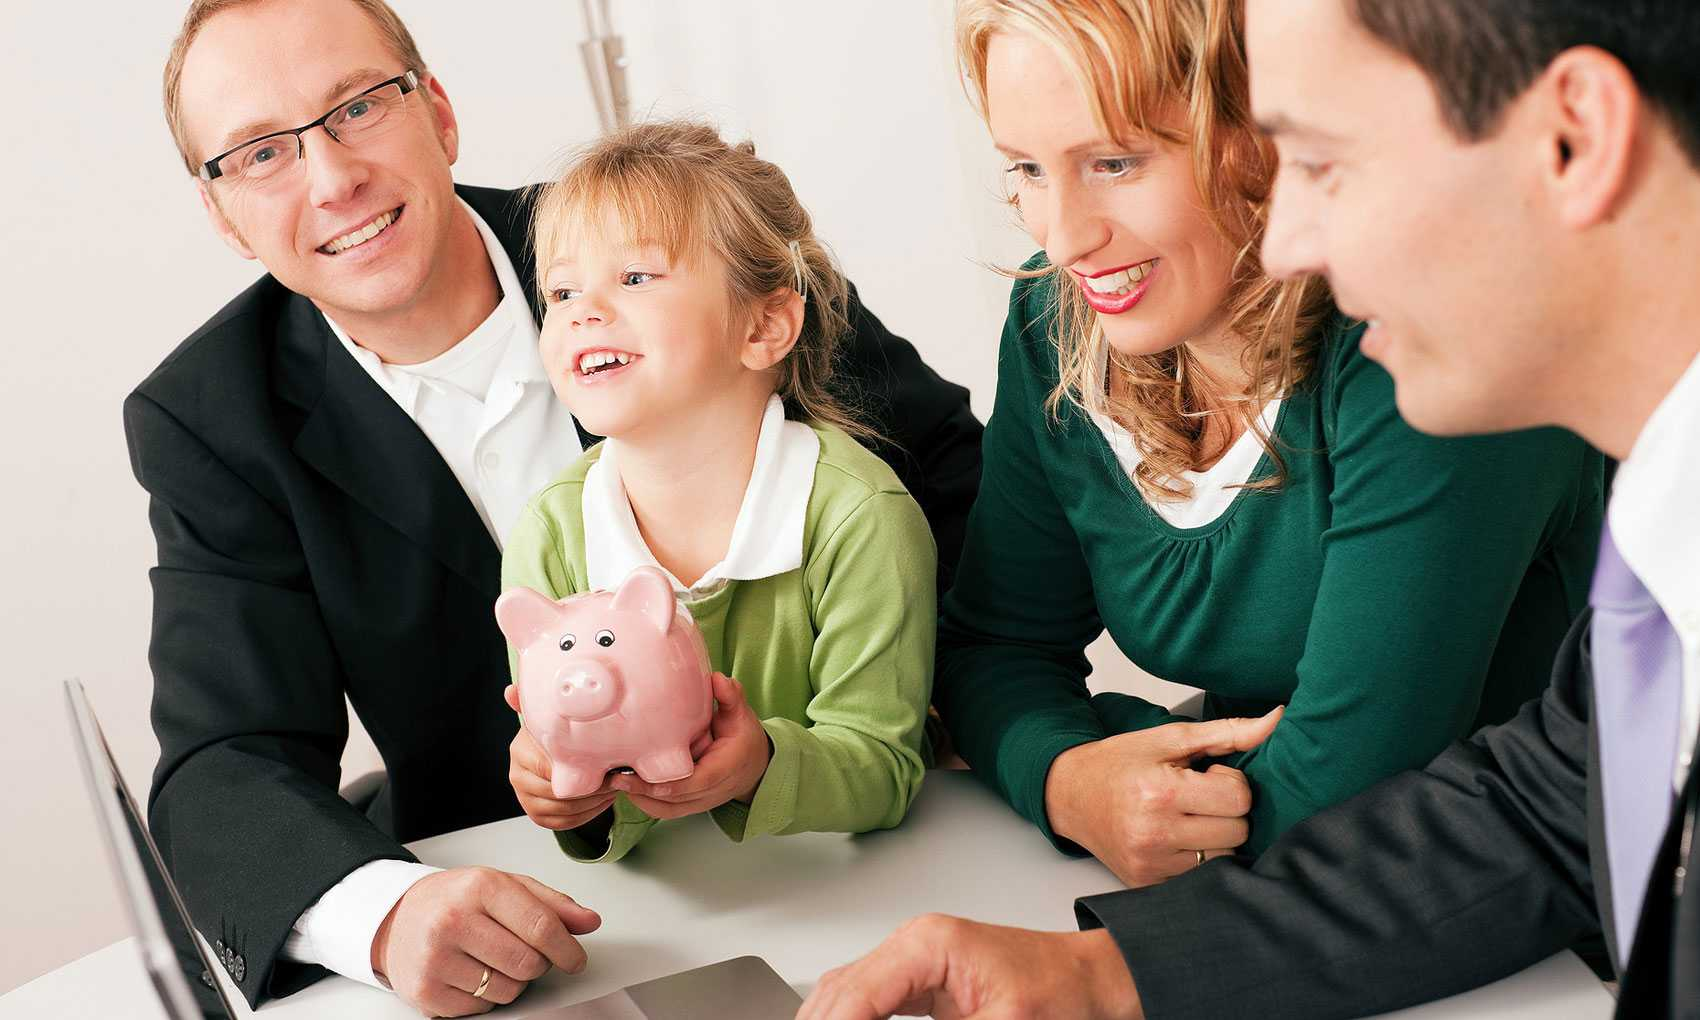 Семейный бизнес картинки для презентации